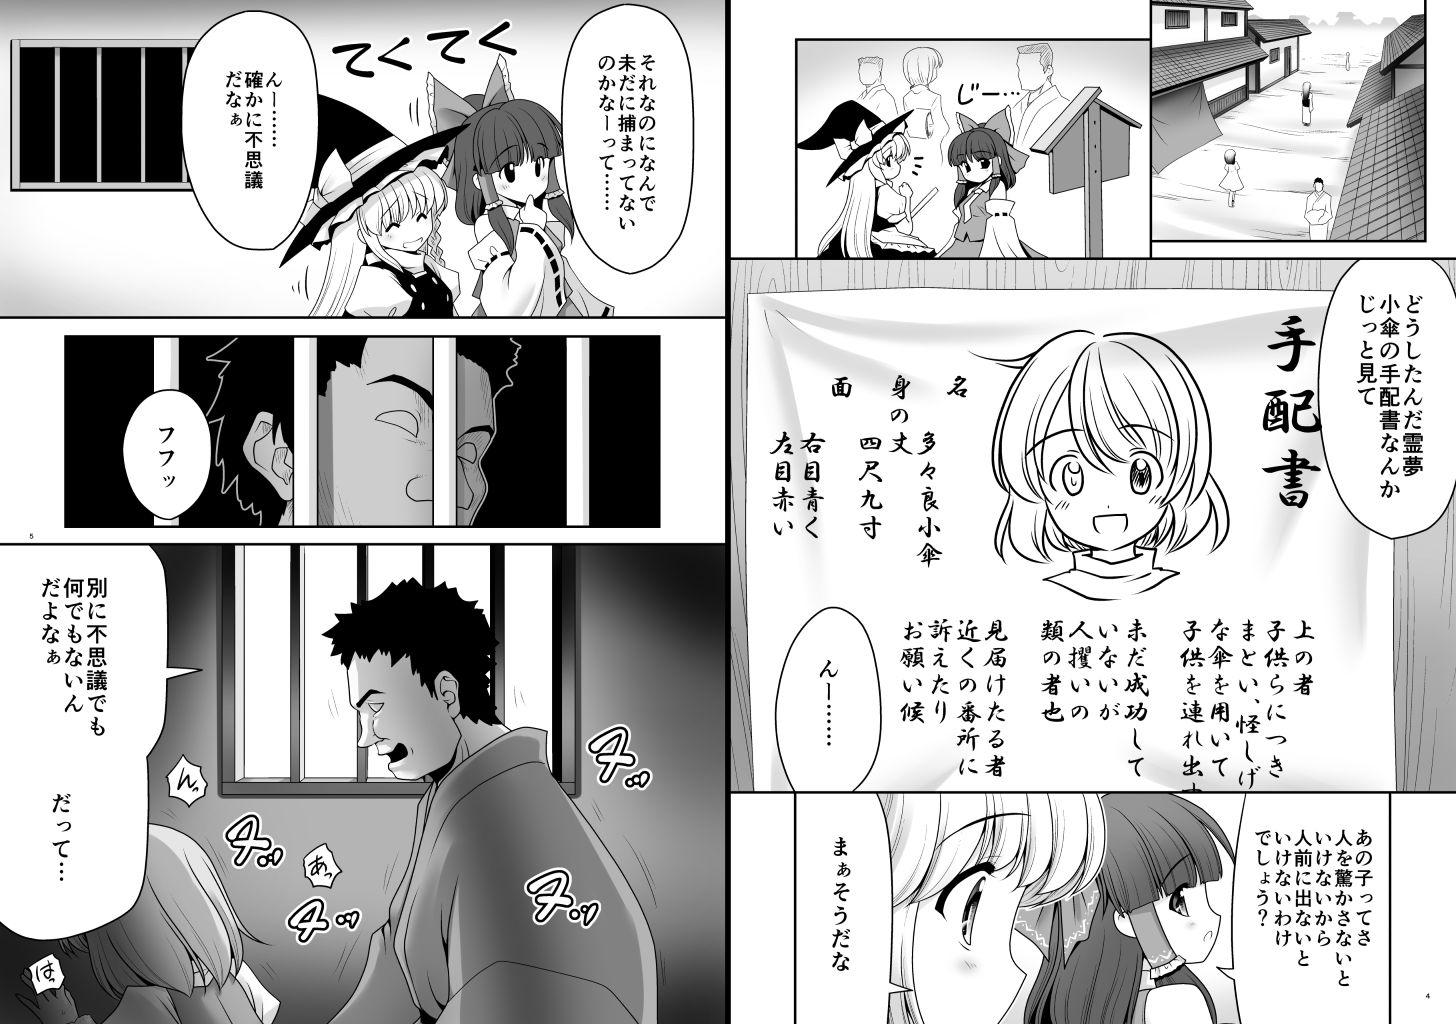 同人ガール:[同人]「涙と精液の毎日と幸せのカタチ」(世捨人な漫画描き)